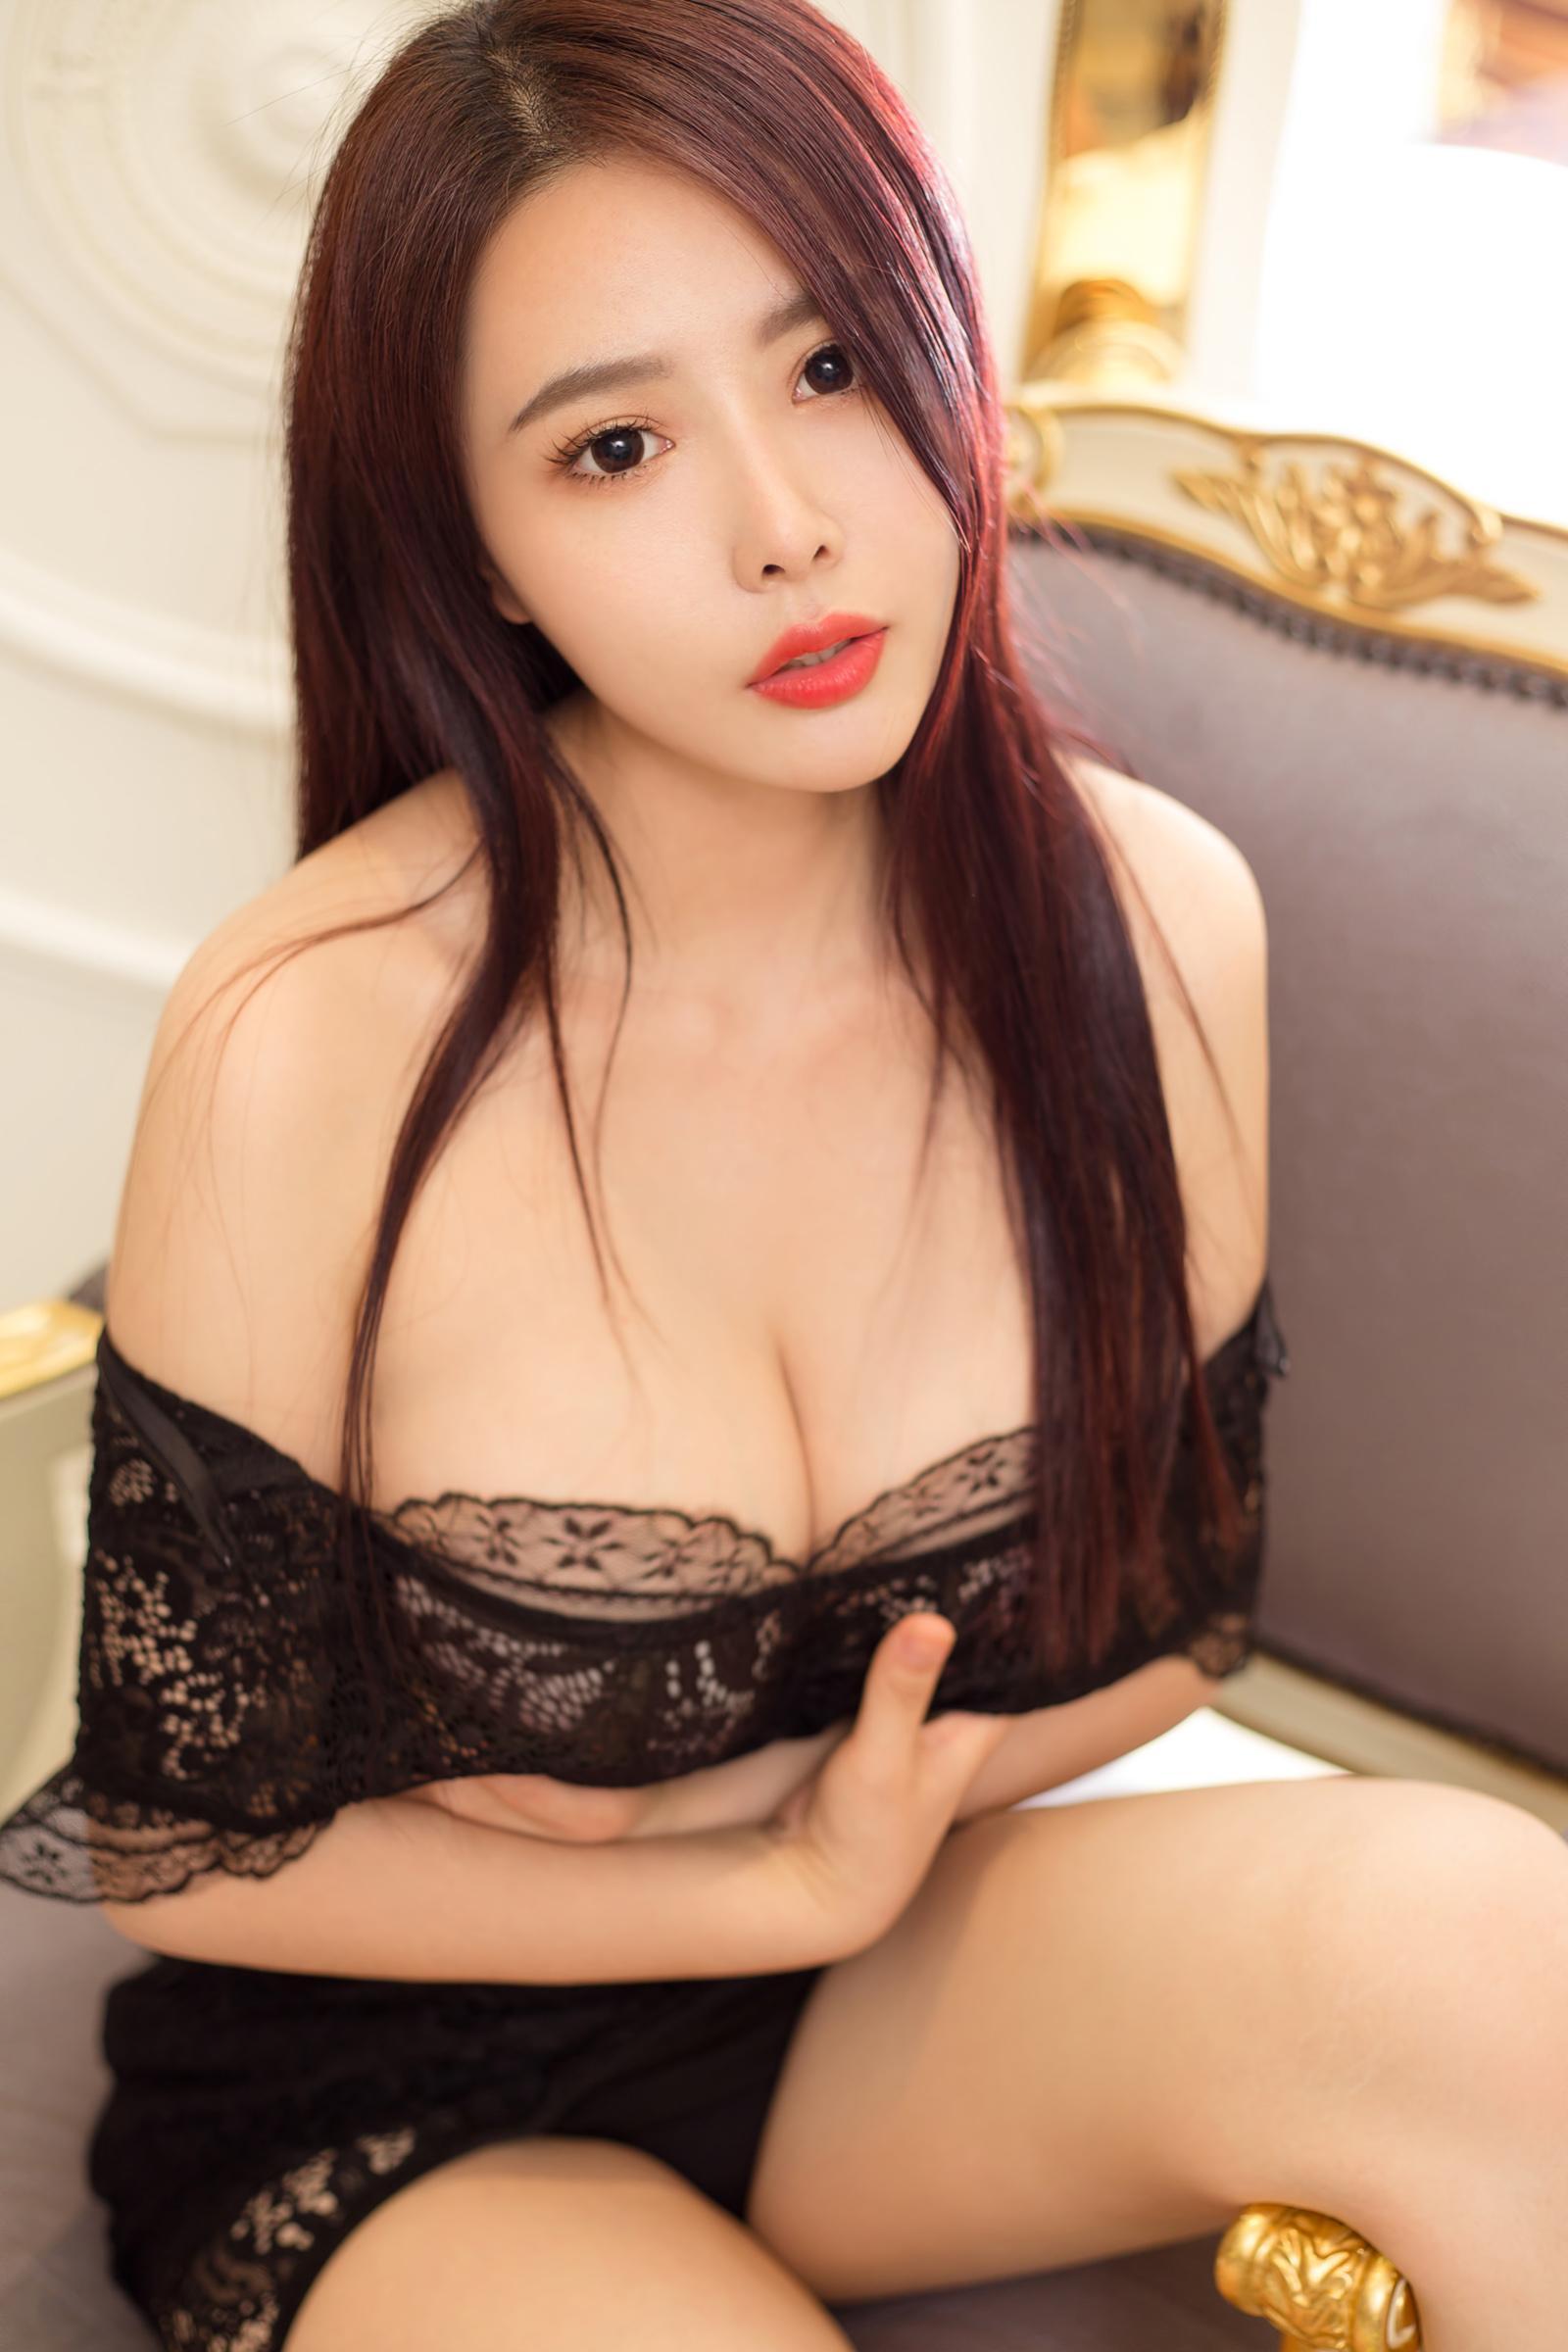 性感美女妈妈网新闻_酥胸翘臀完美身材的性感美女图片_图片新闻_东方头条